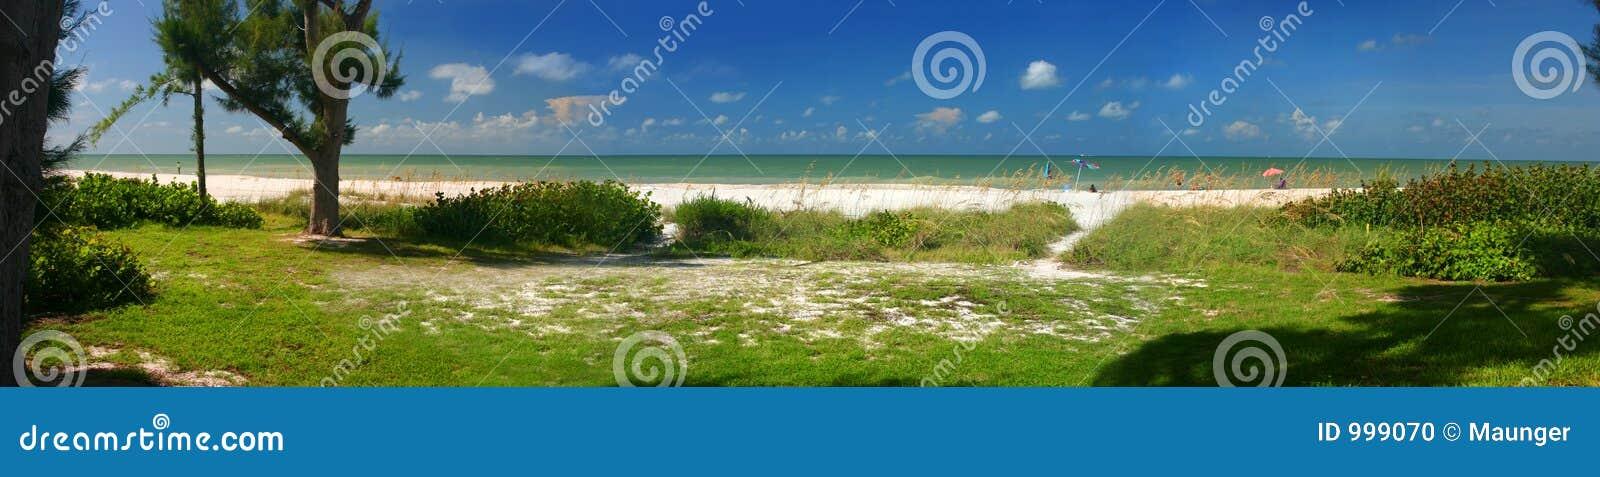 Strandflorida sanibel